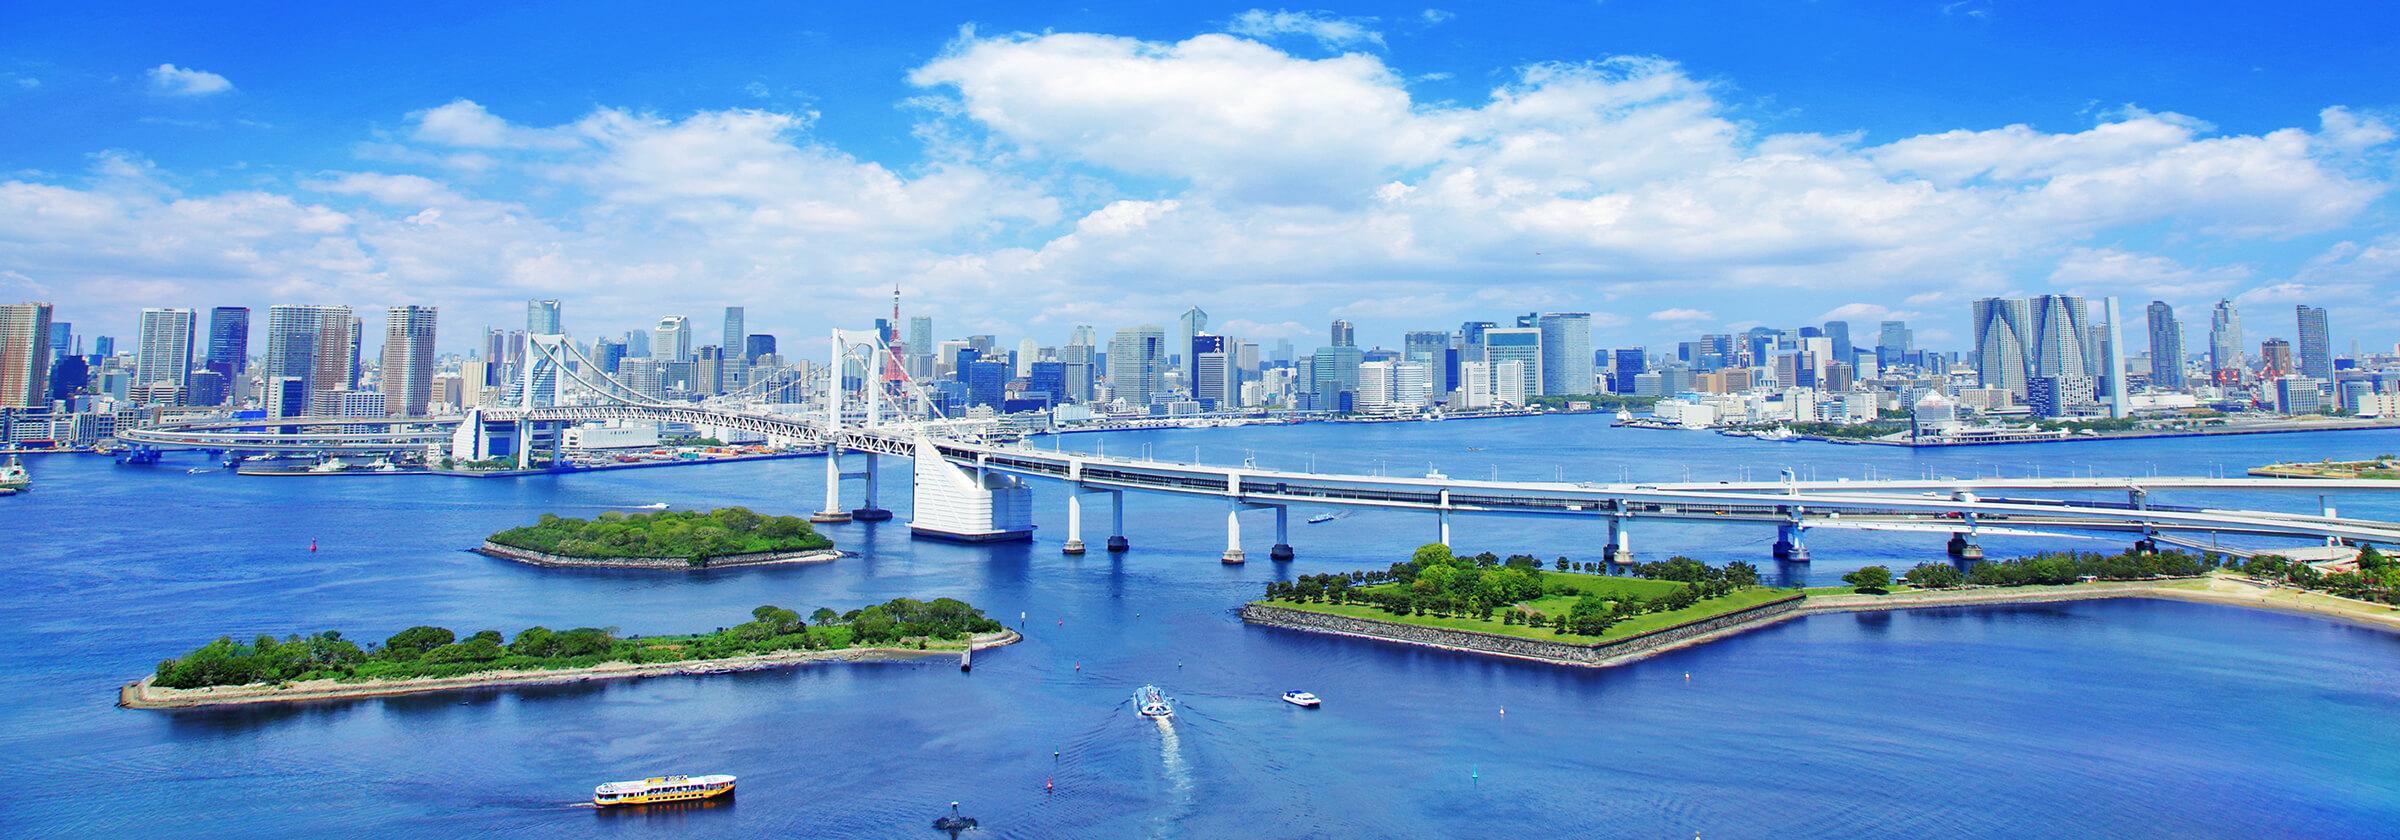 東京都観光汽船(TOKYO CRUISE)